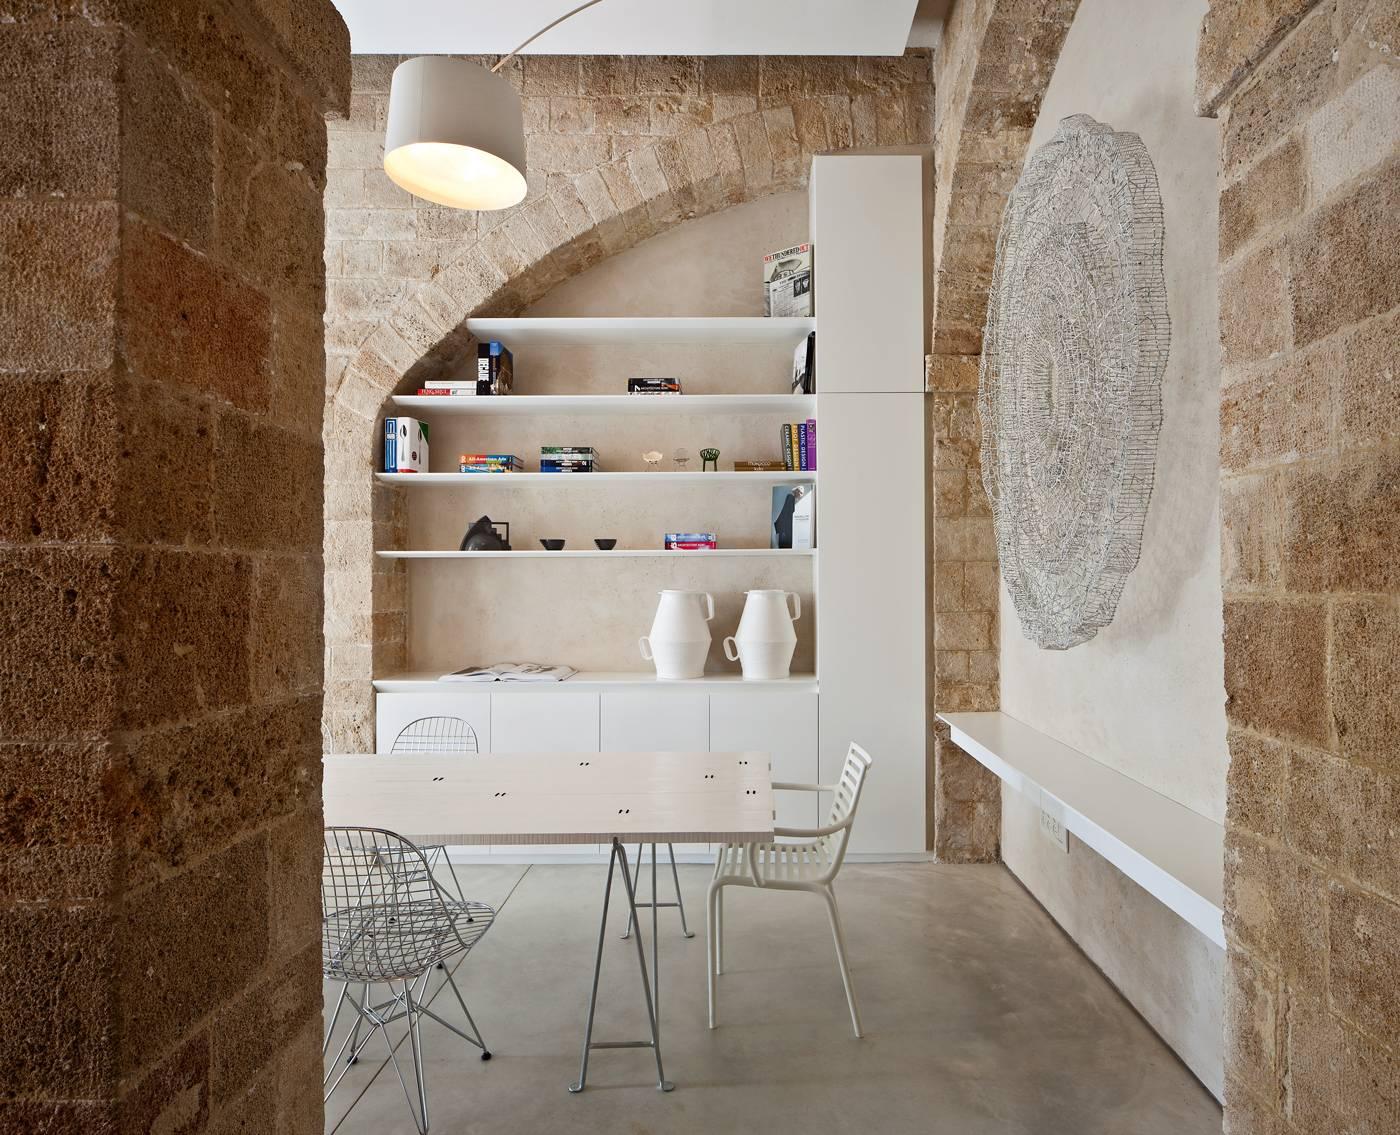 Les murs et le plafond de forme caverneuse ont été laissés bruts sans fioritures pour